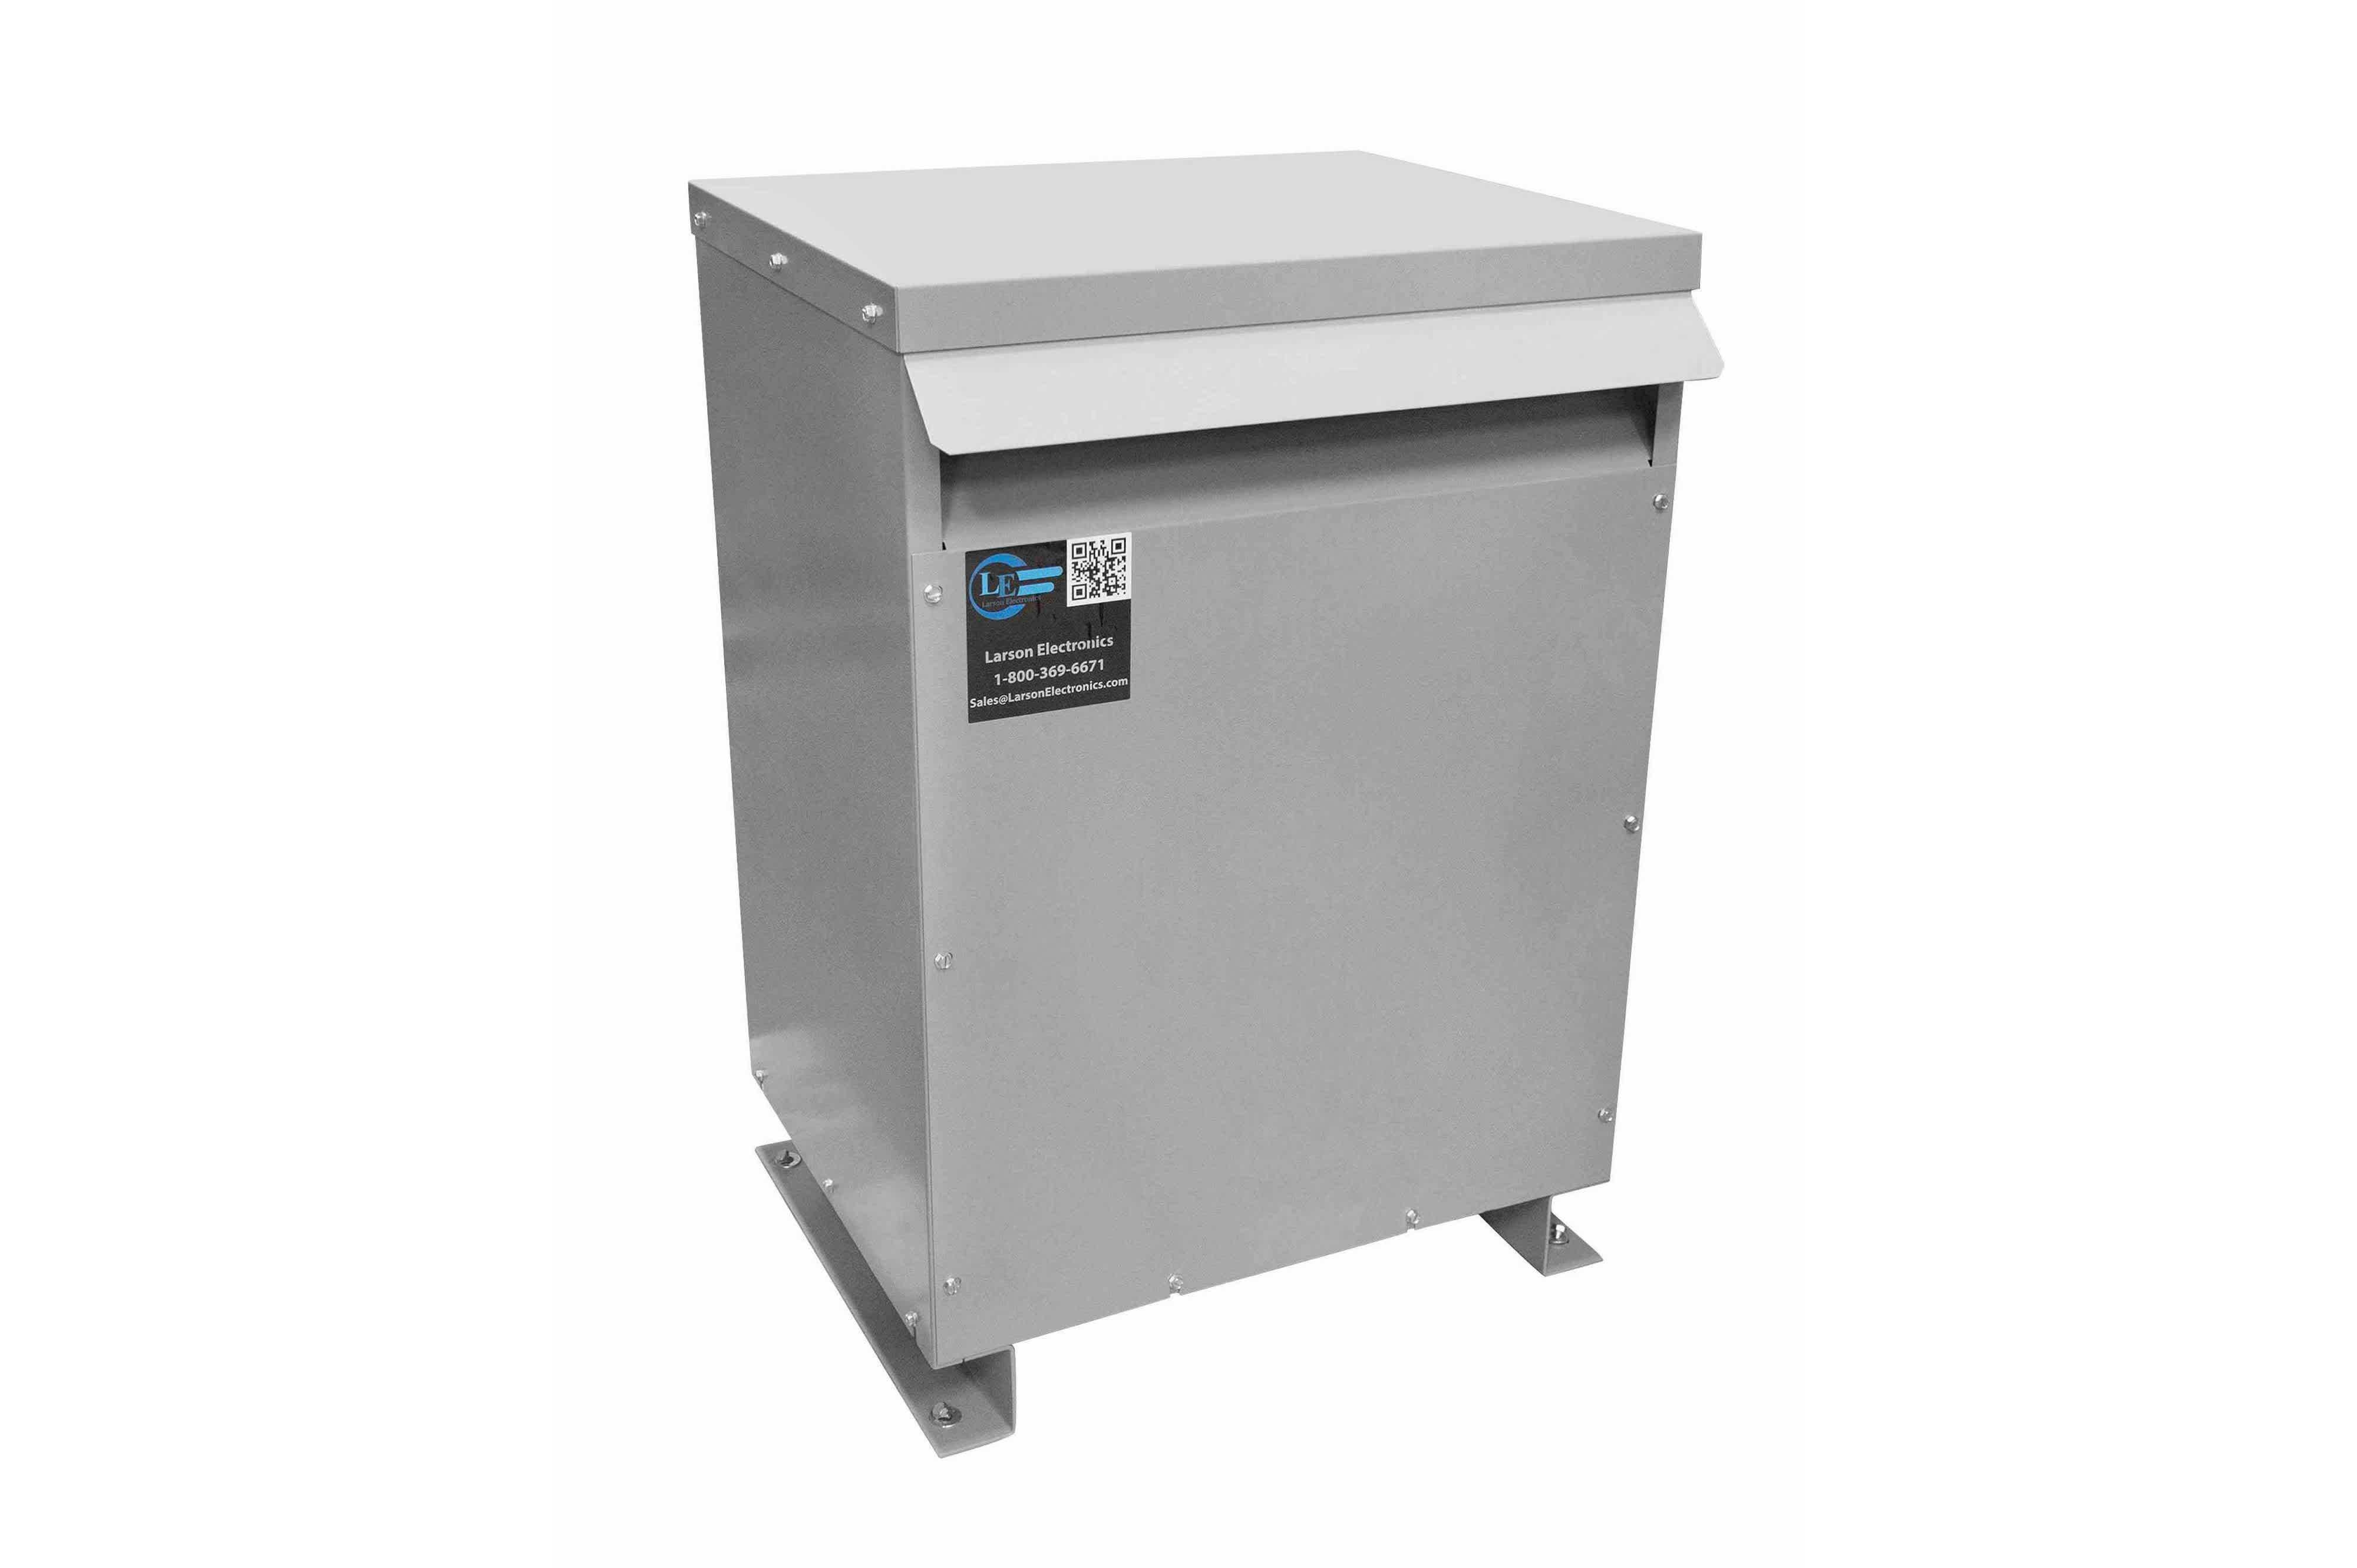 29 kVA 3PH Isolation Transformer, 575V Delta Primary, 240 Delta Secondary, N3R, Ventilated, 60 Hz